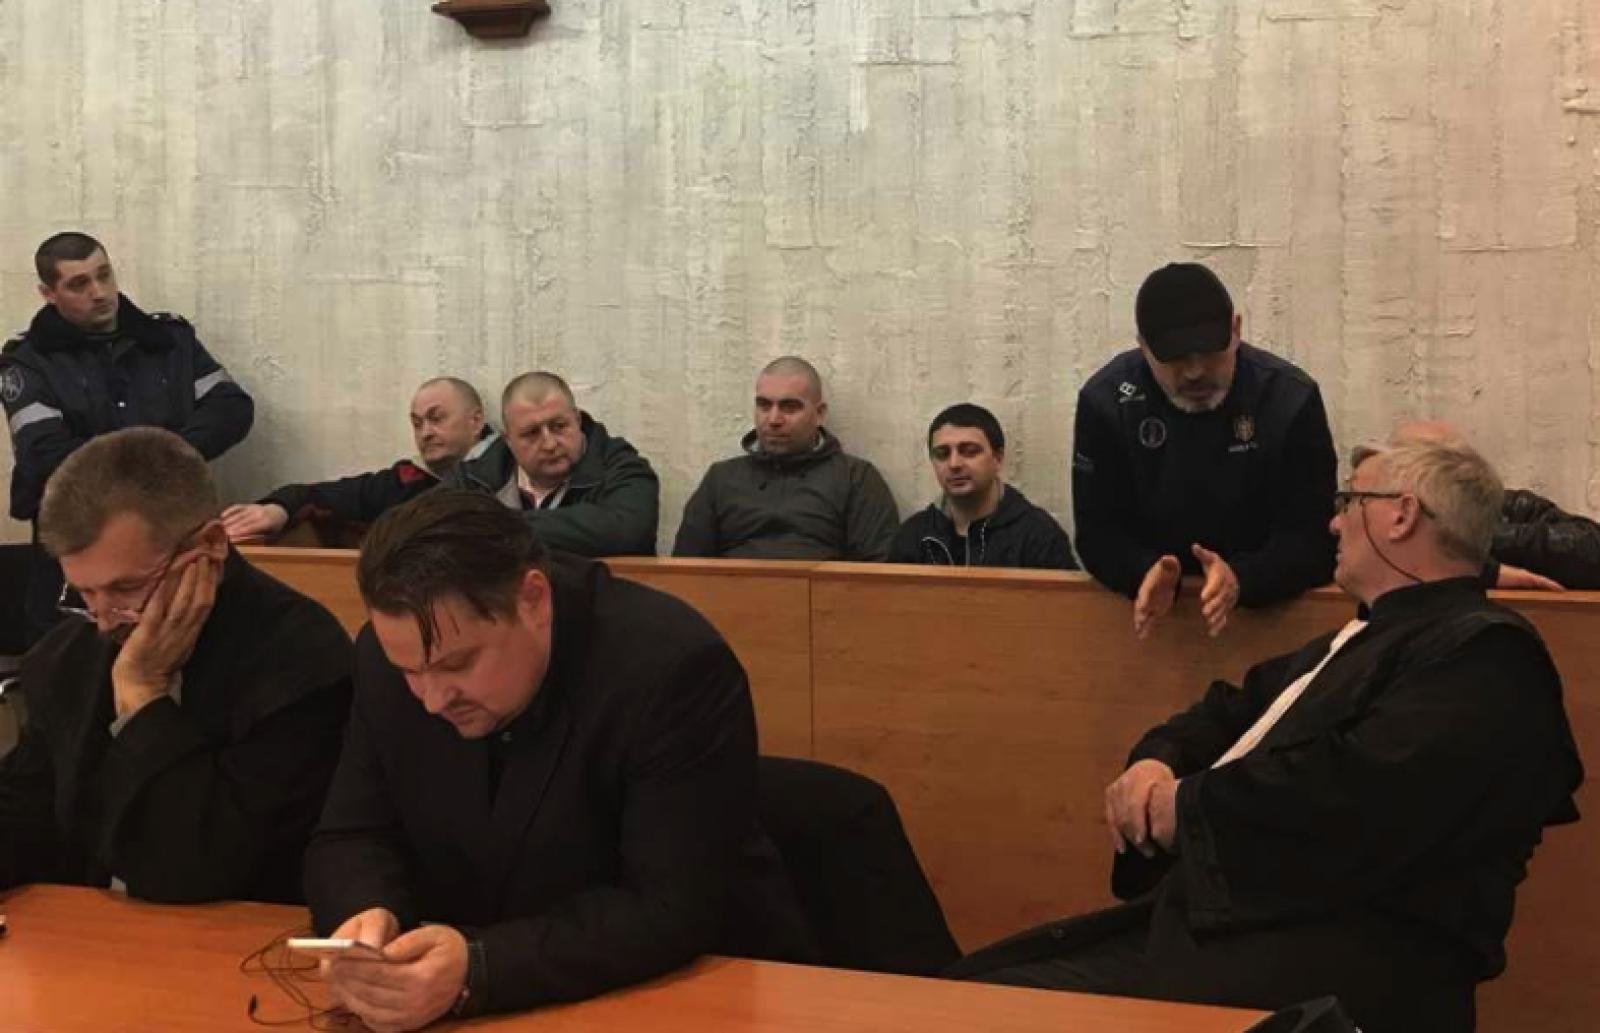 Decizie nocturnă la Judecătoria Centru: Șase inculpați, condamnați pentru tentativa de omor asupra lui Vladimir Plahotniuc